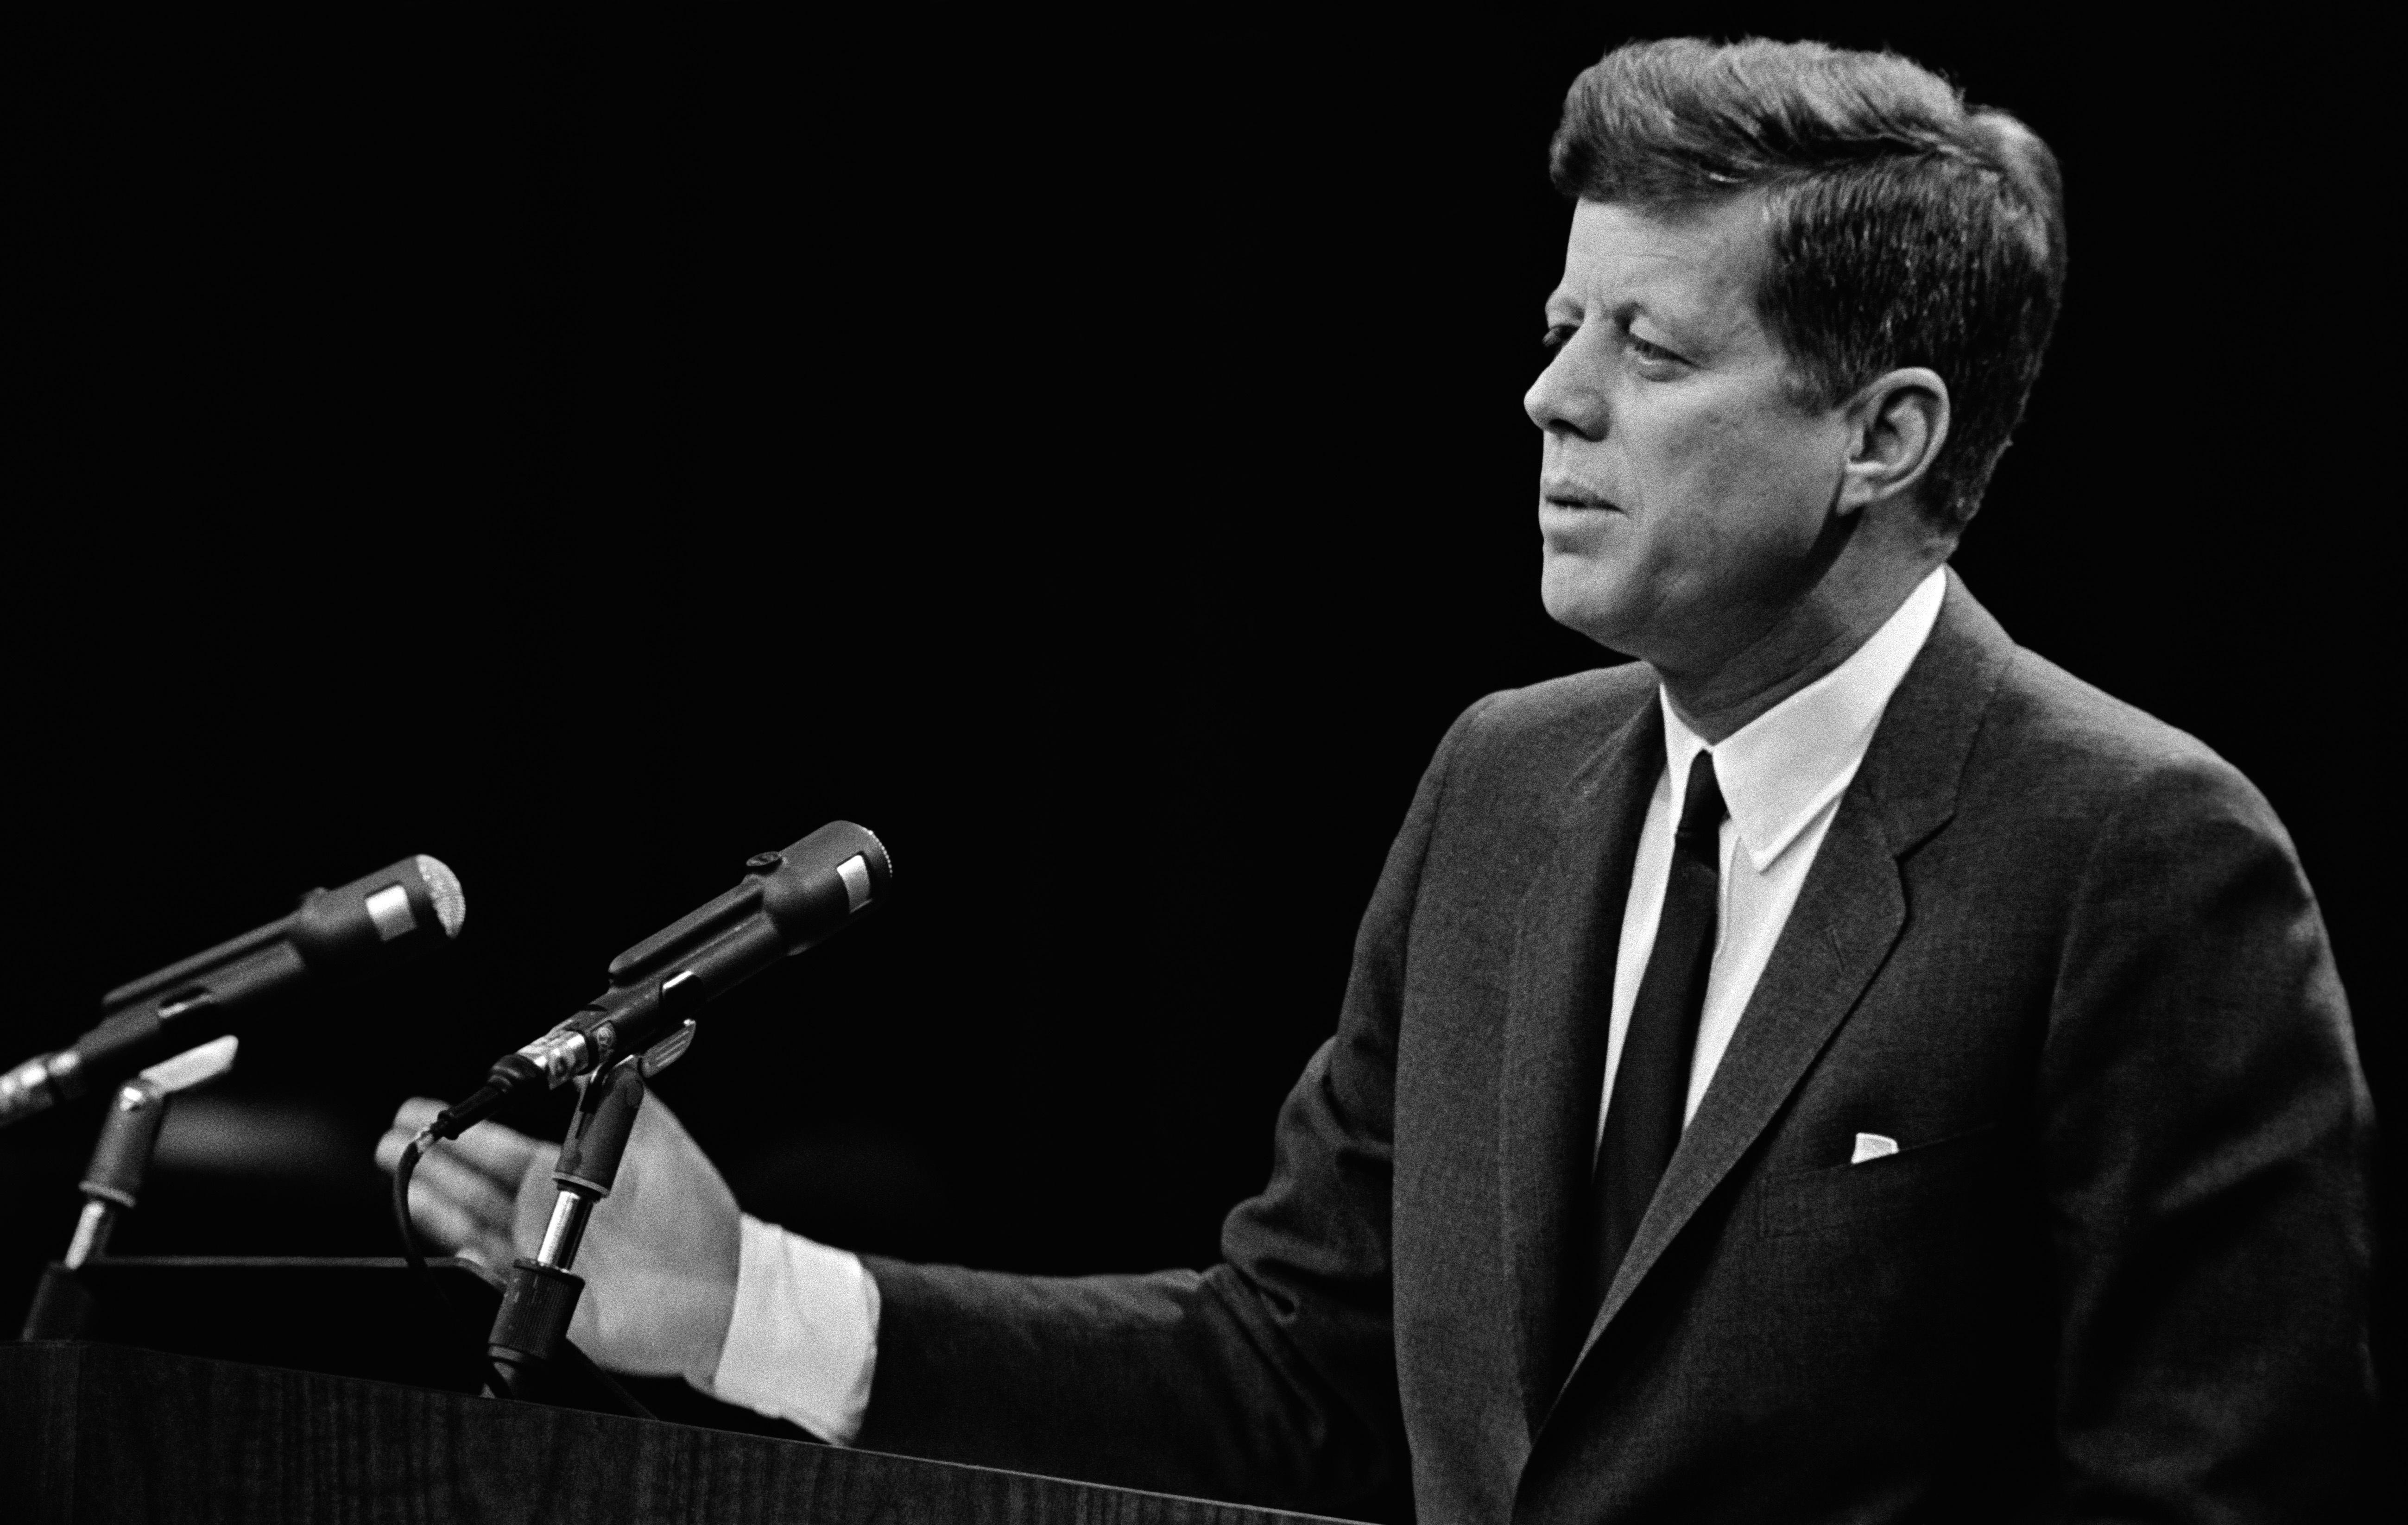 President John F. Kennedy's speech in 1963 in Washington D.C.